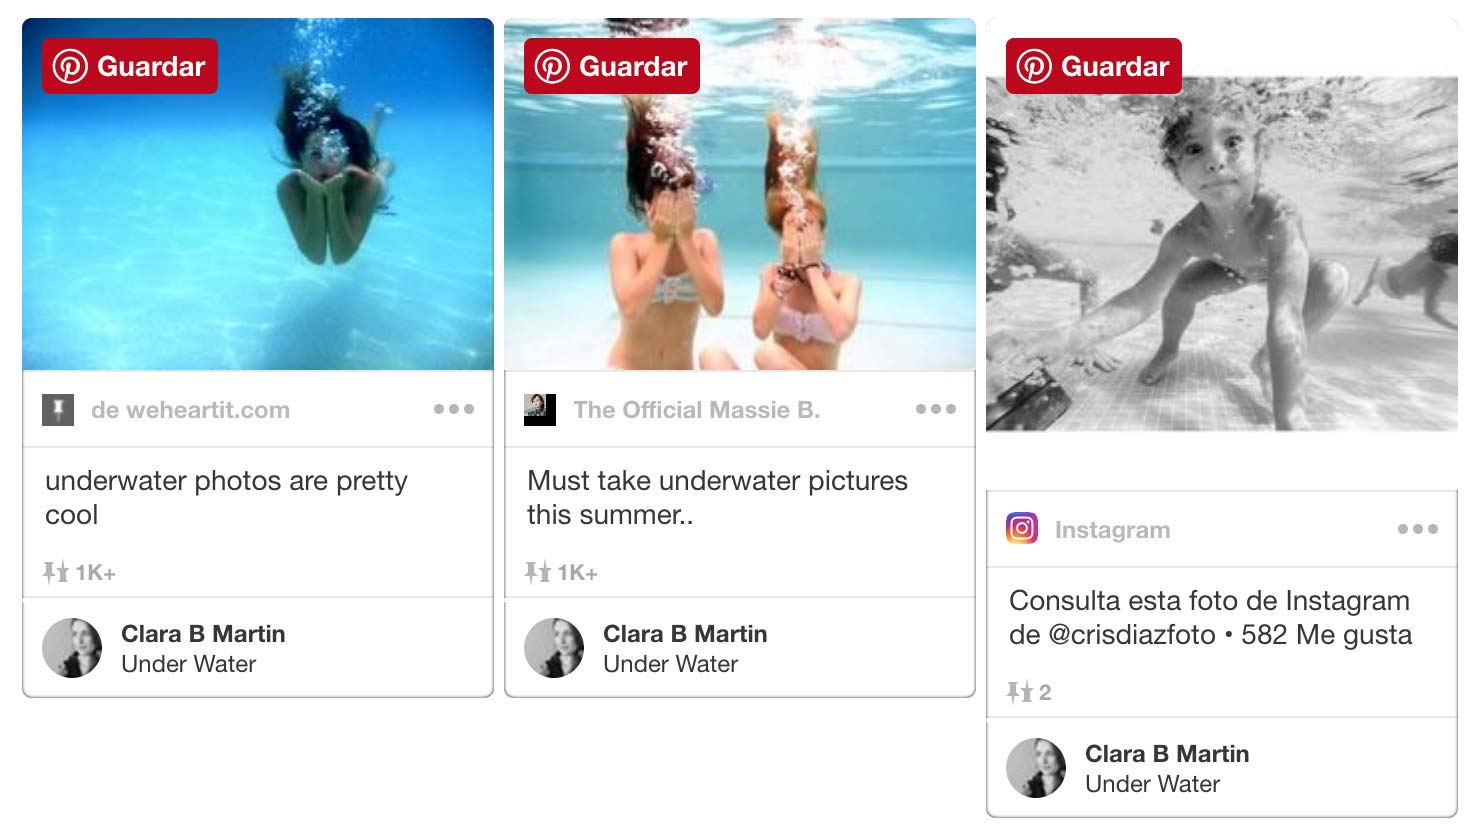 ejemplos_fotos_acuaticas_con_el_movil.jpg